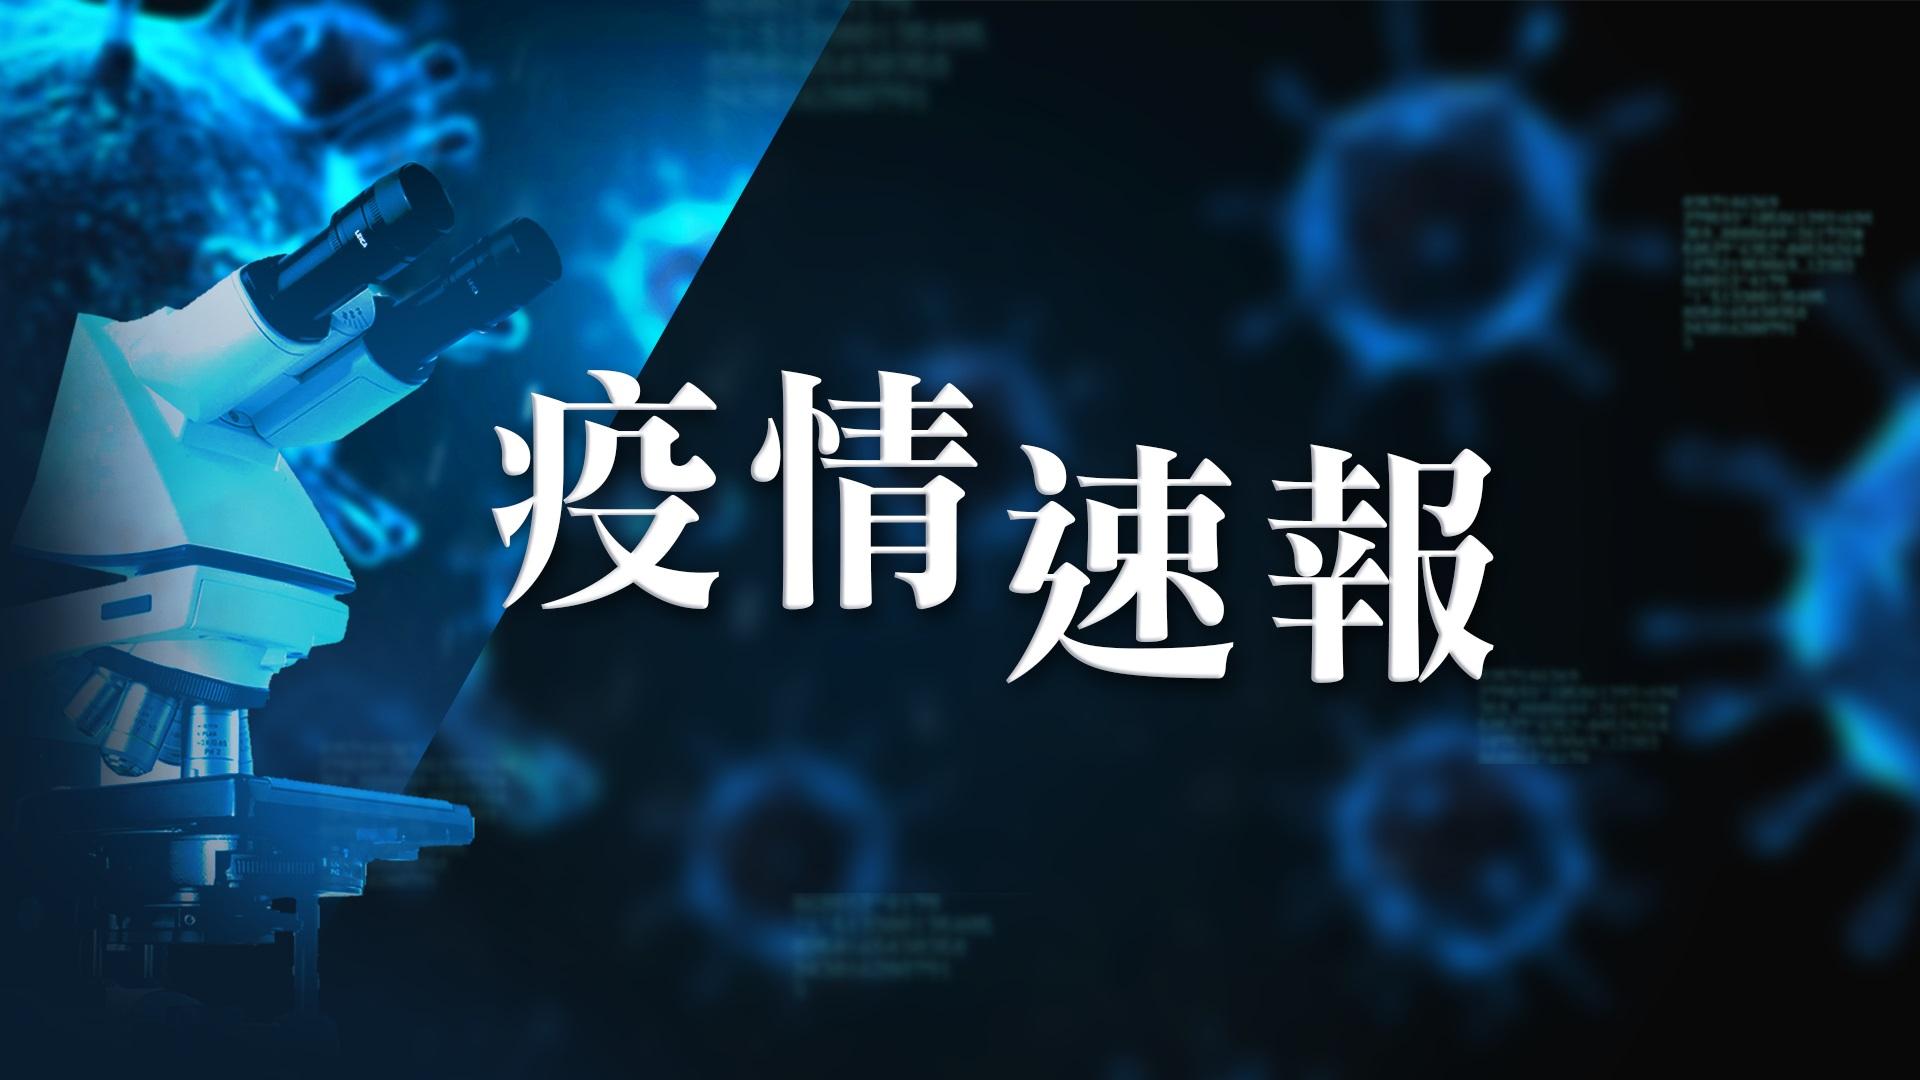 【6月28日疫情速報】(16:05)